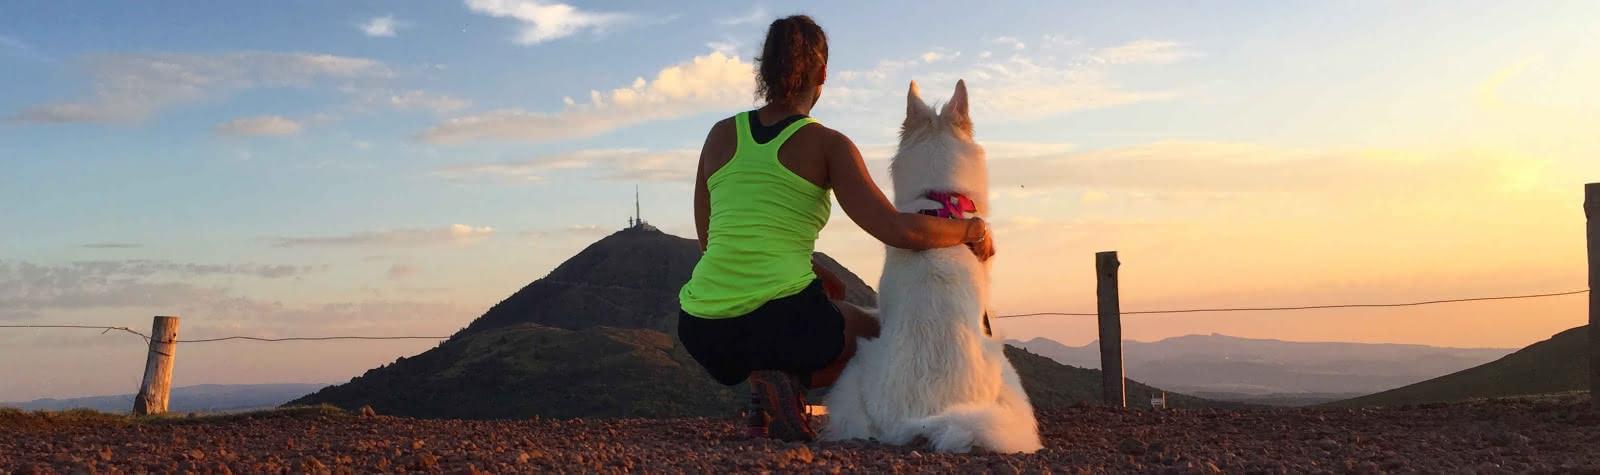 Partez en randonnée avec votre chien